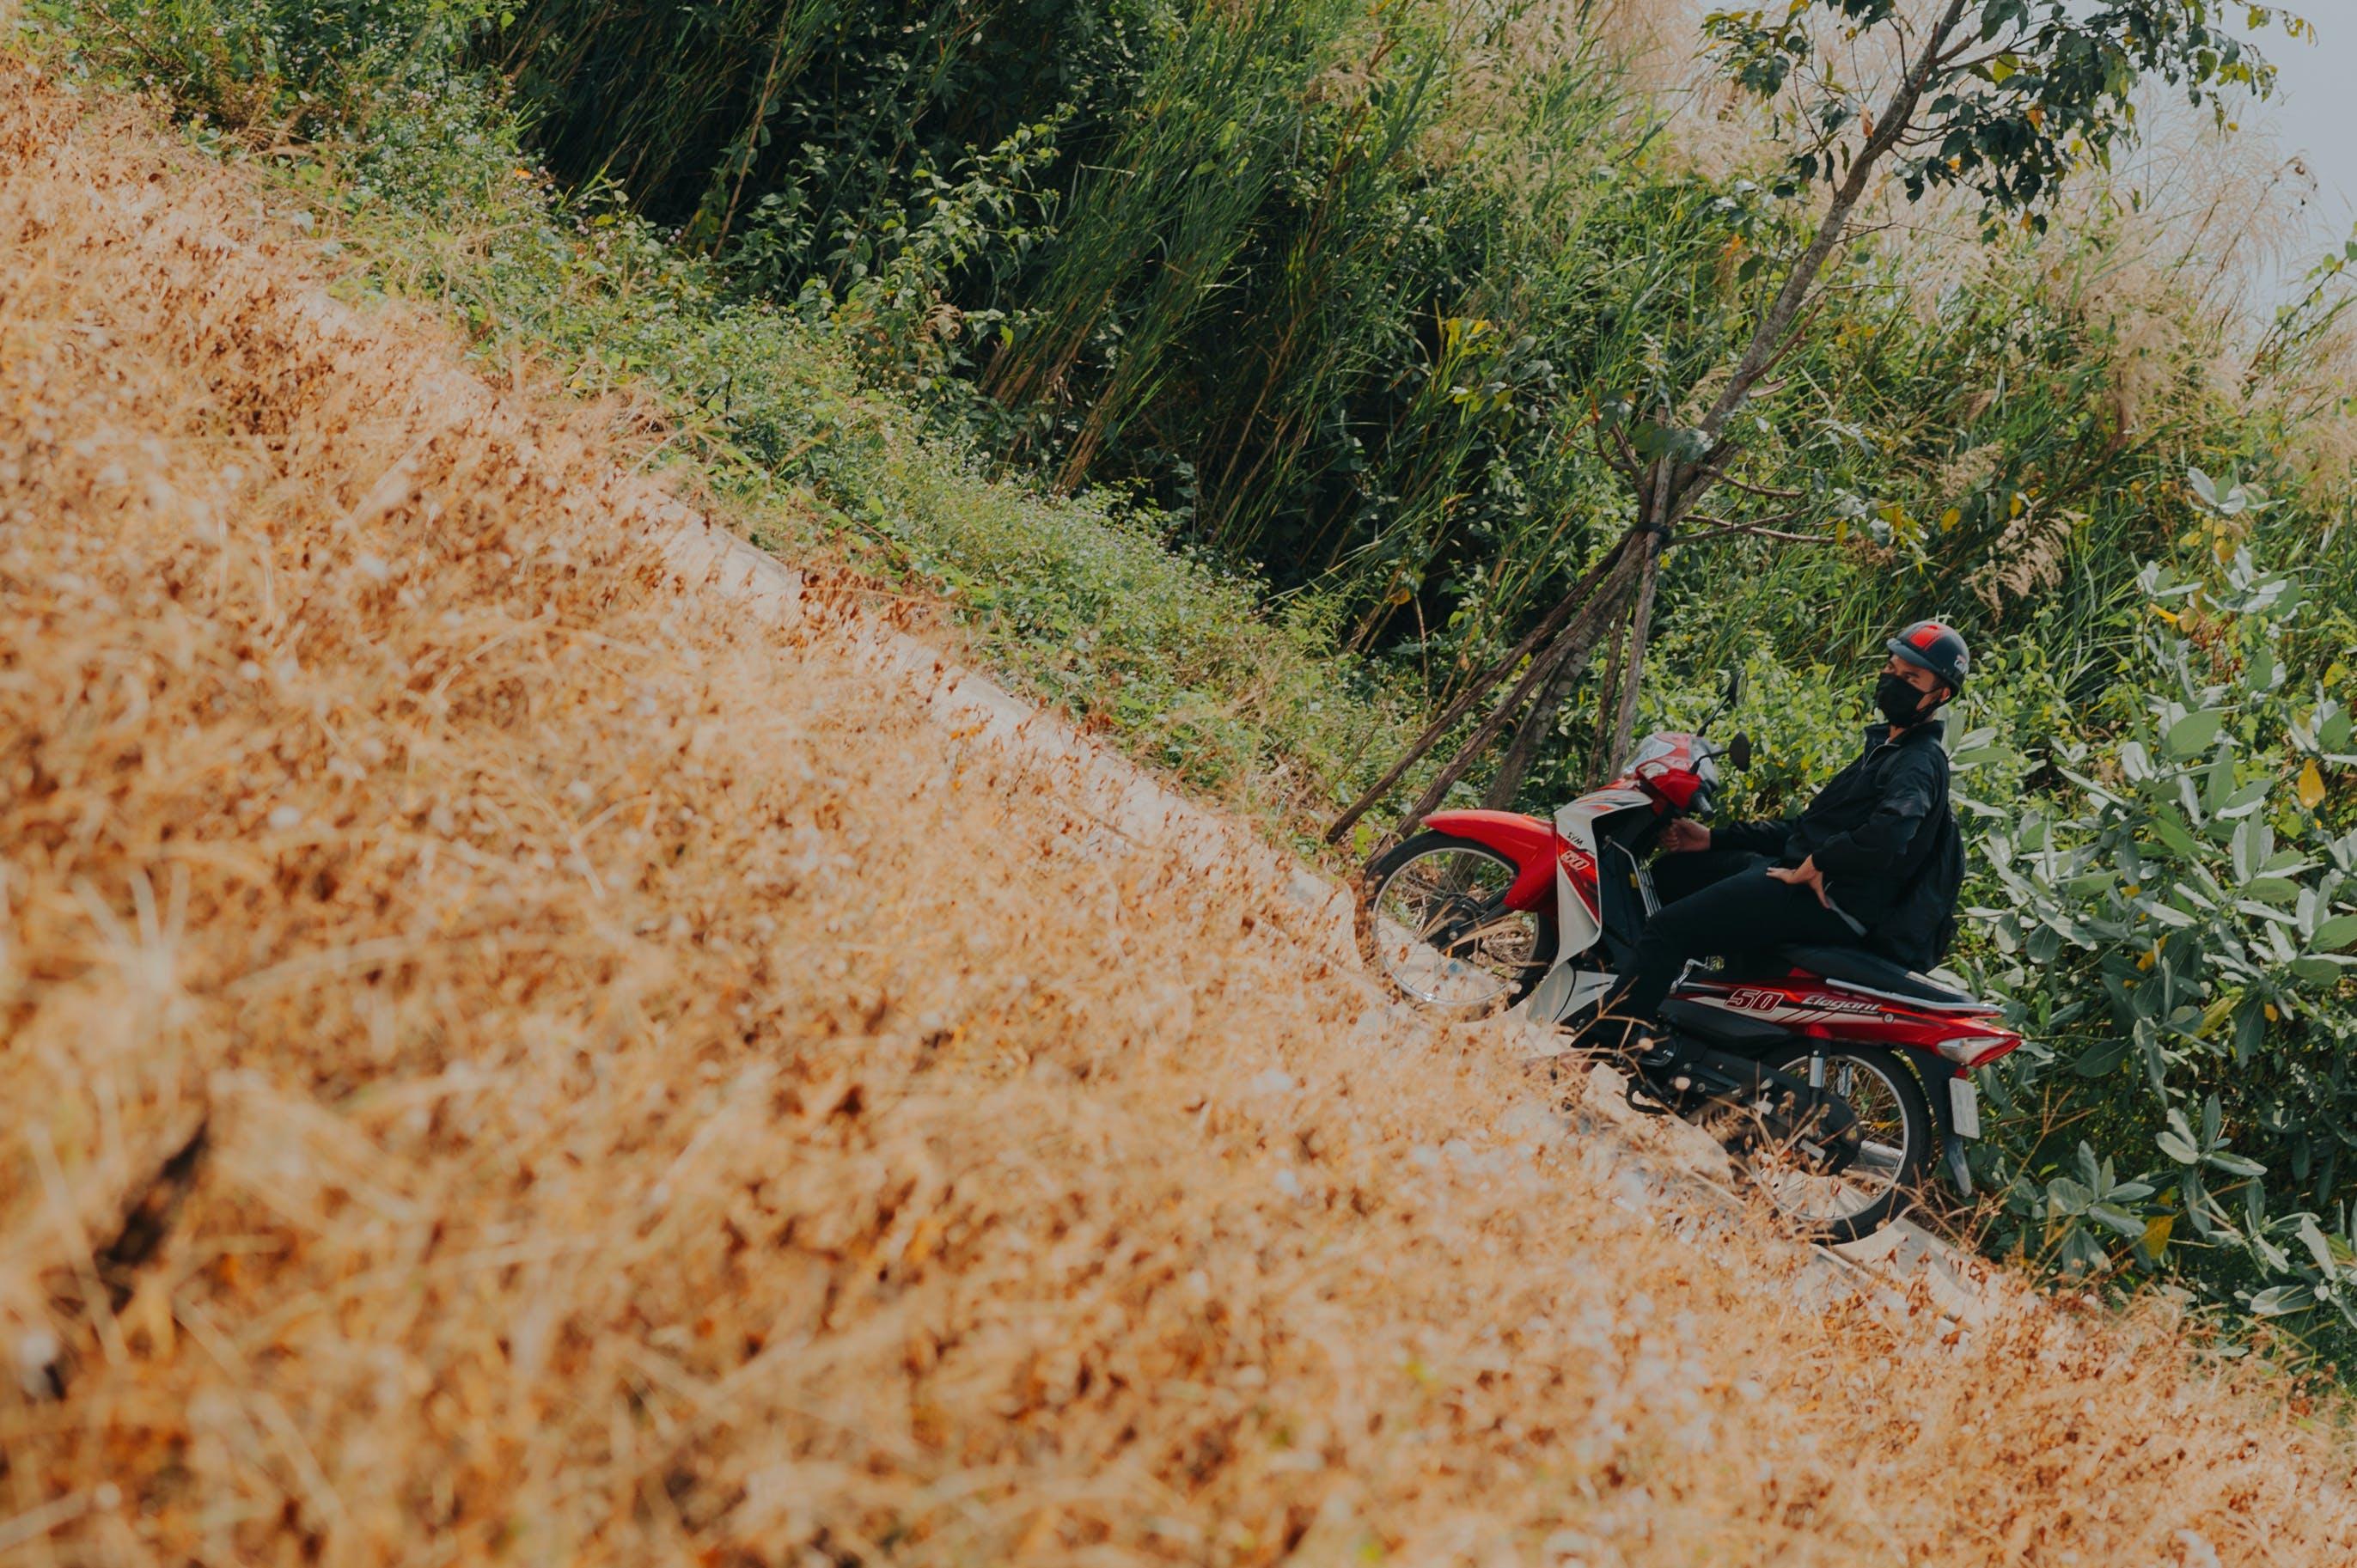 Foto d'estoc gratuïta de arbres, carretera, casc, conduint